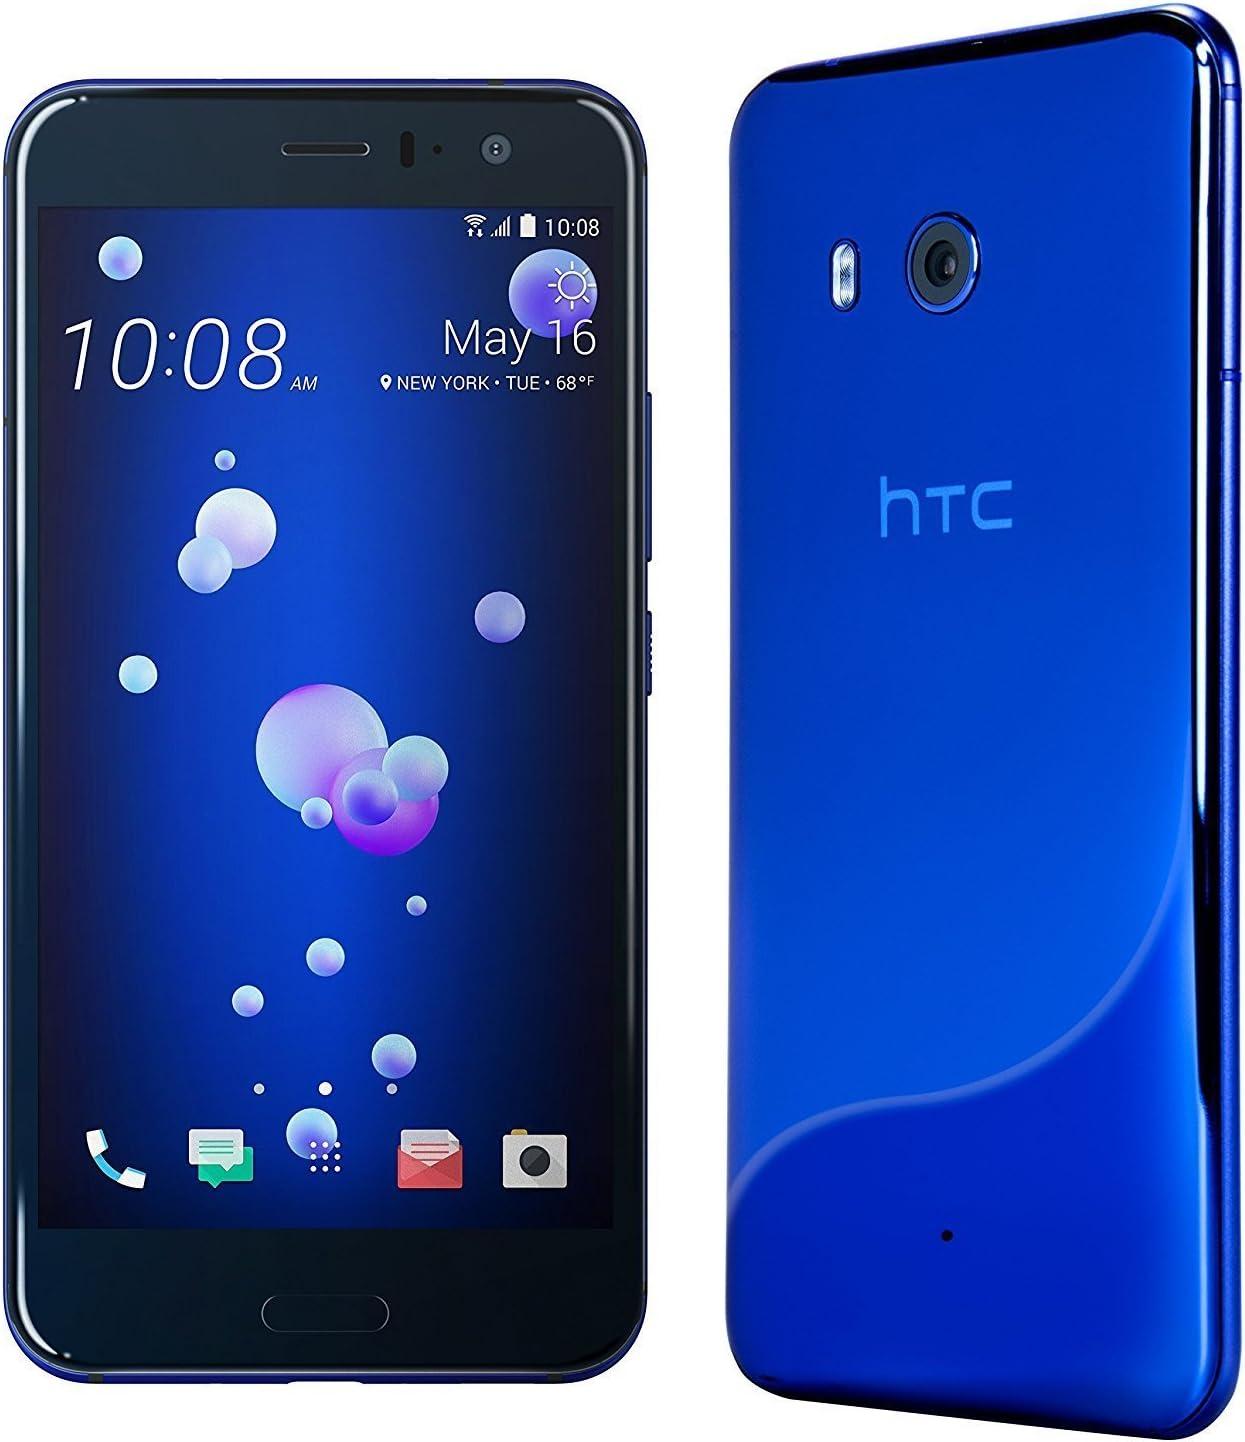 HTC U11 4G 64GB Negro - Smartphone 14 cm (5.5